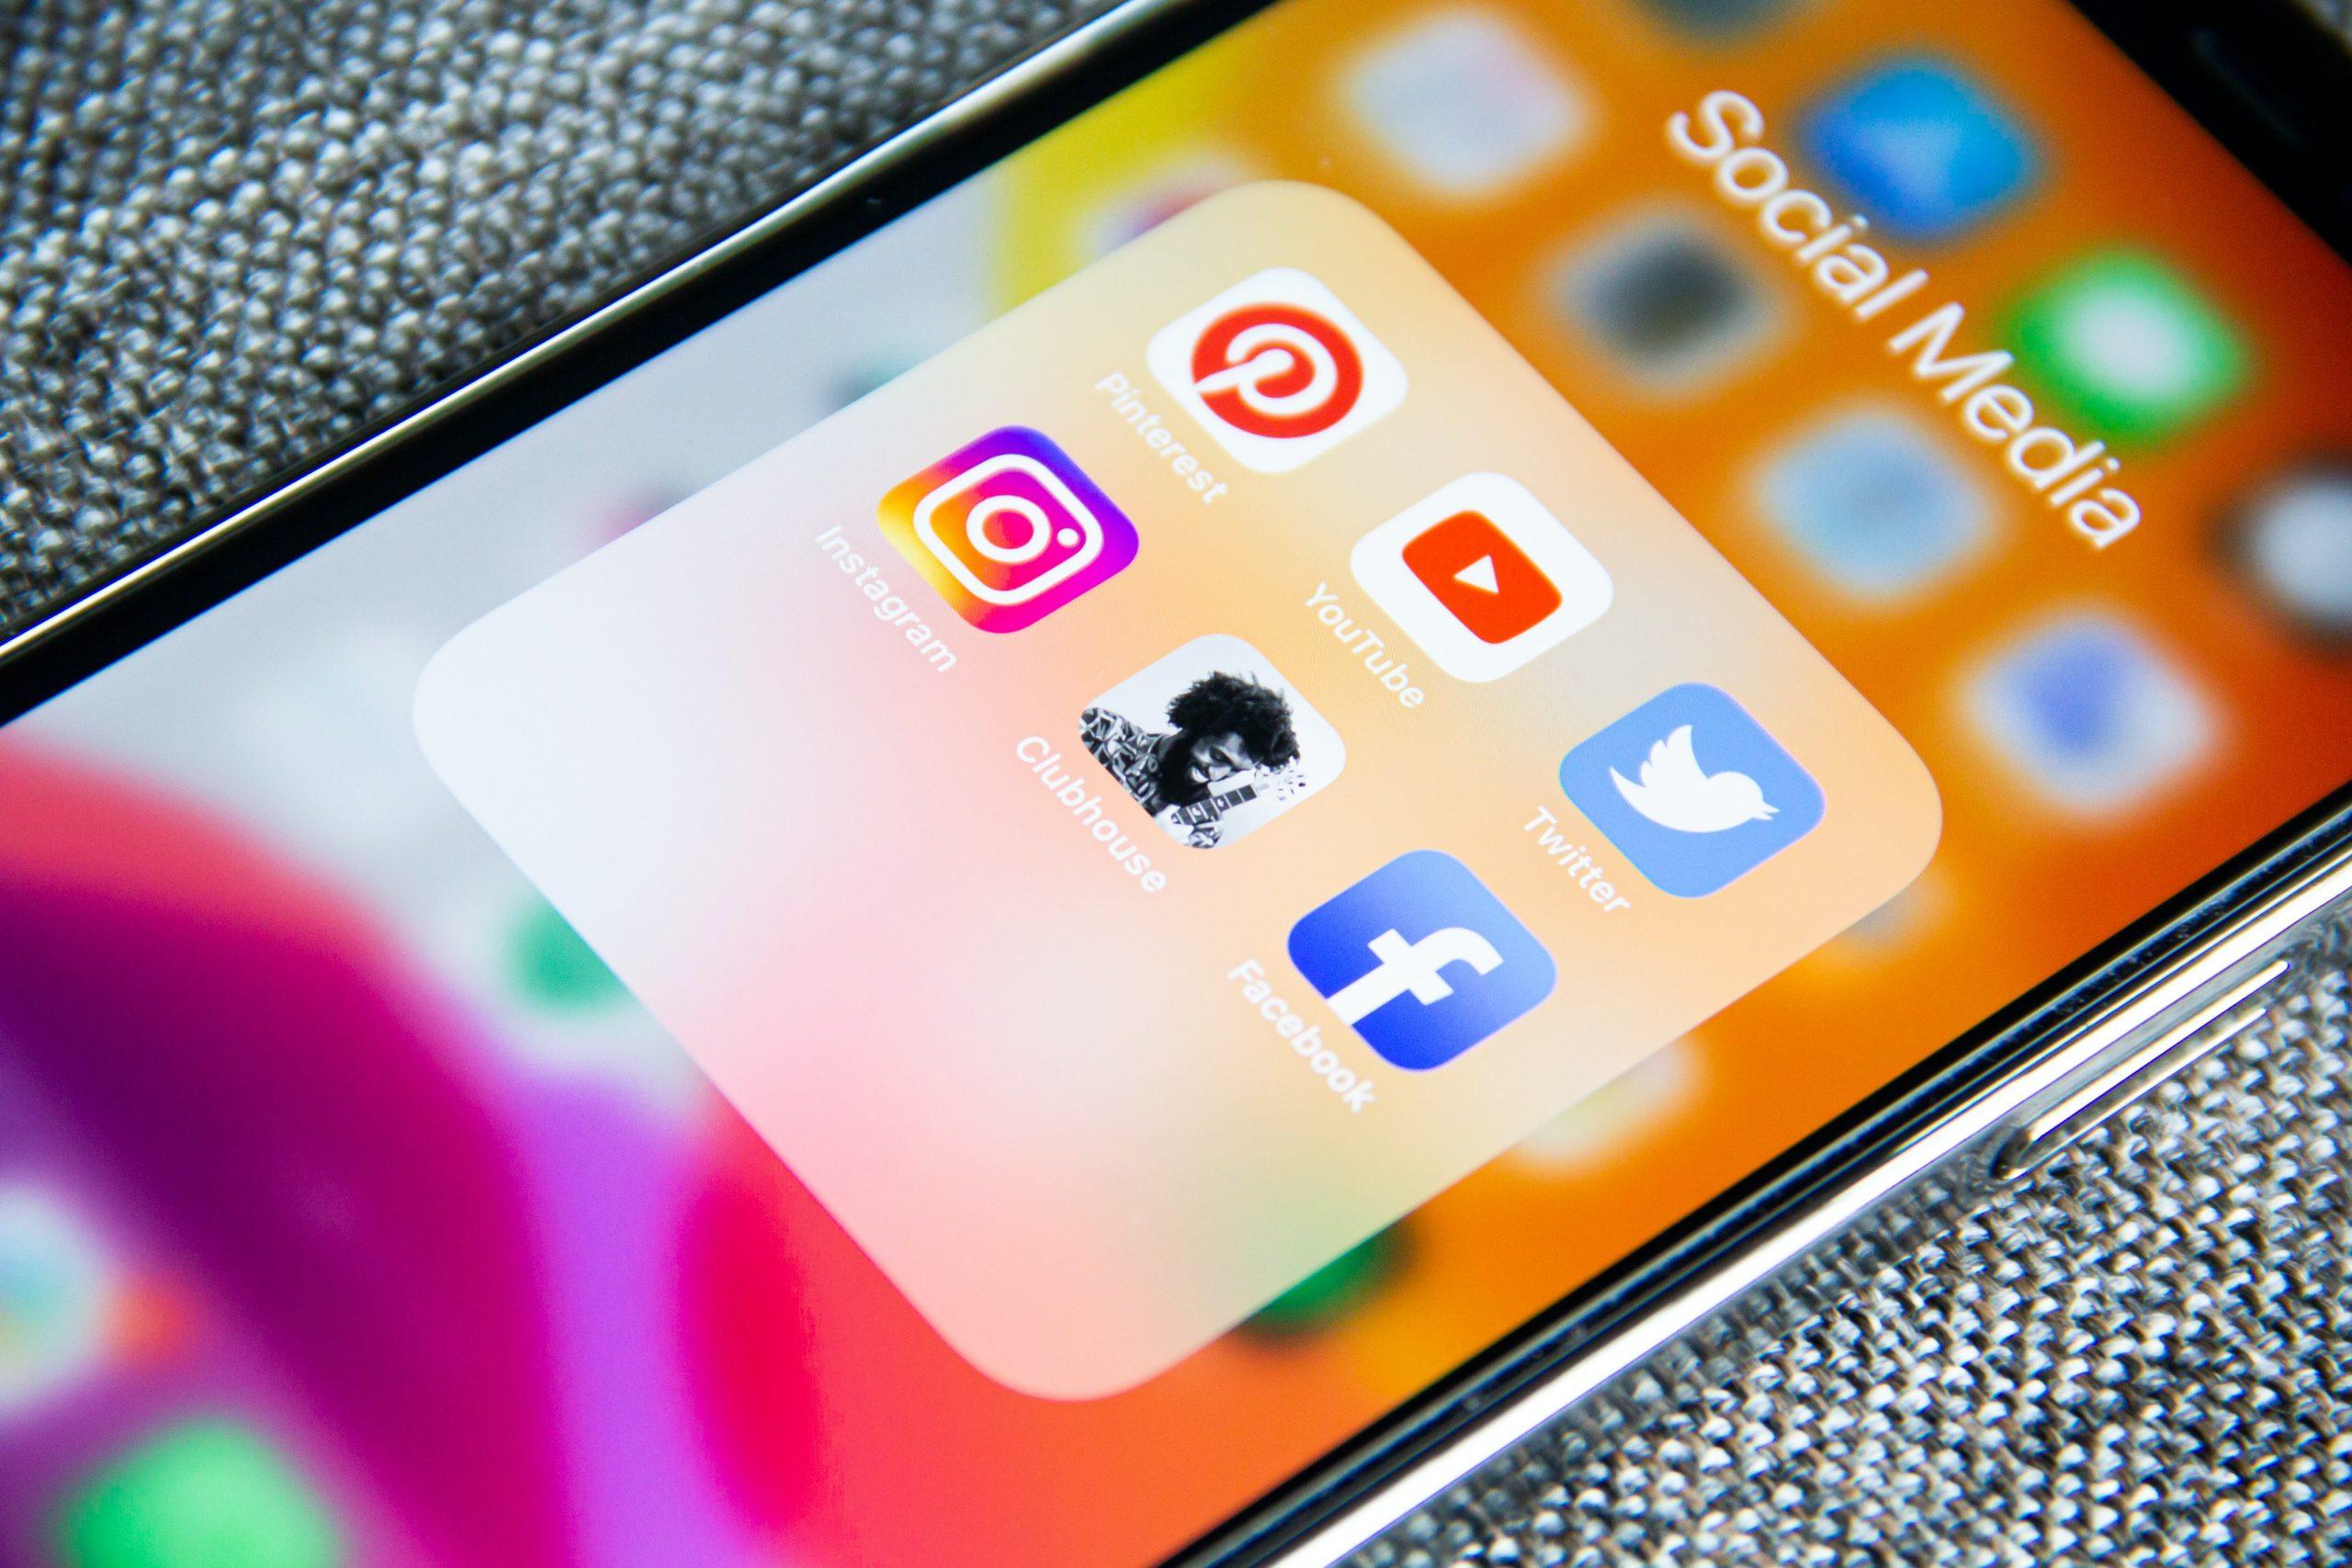 Welche sozialen Netzwerke eignen sich für welche Zielgruppe?